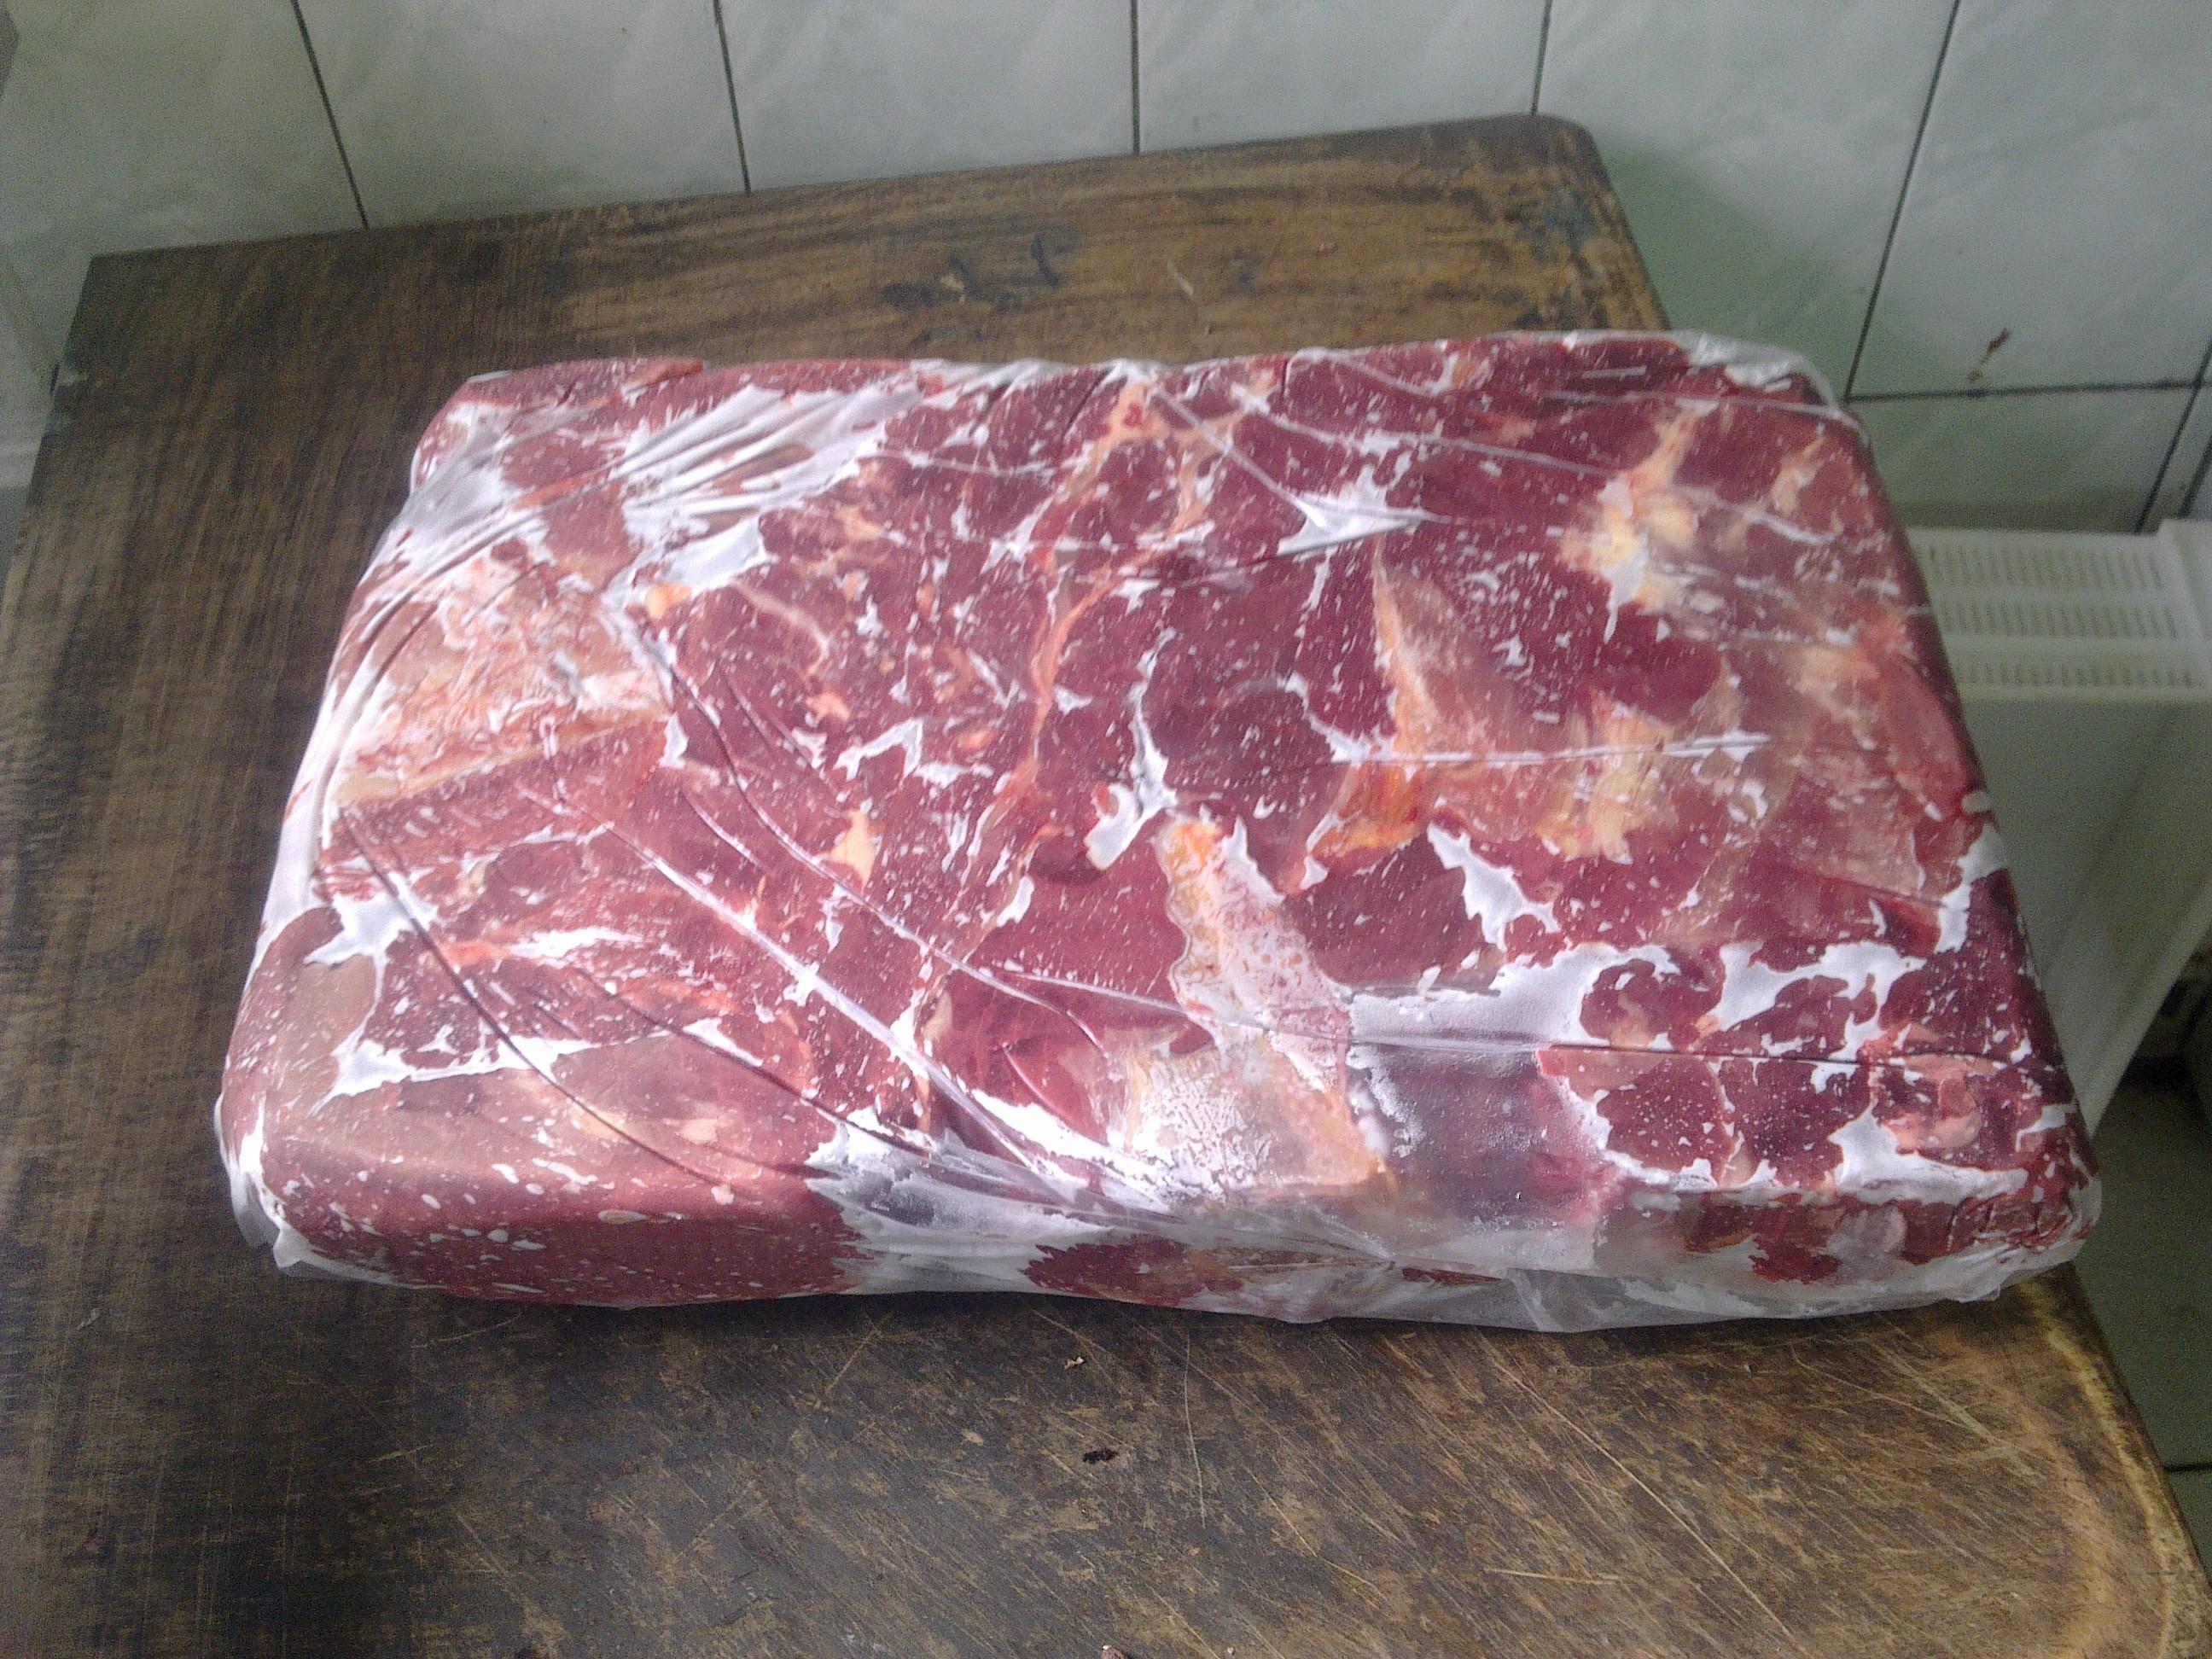 В Крым пытались ввезти недоброкачественную говядину